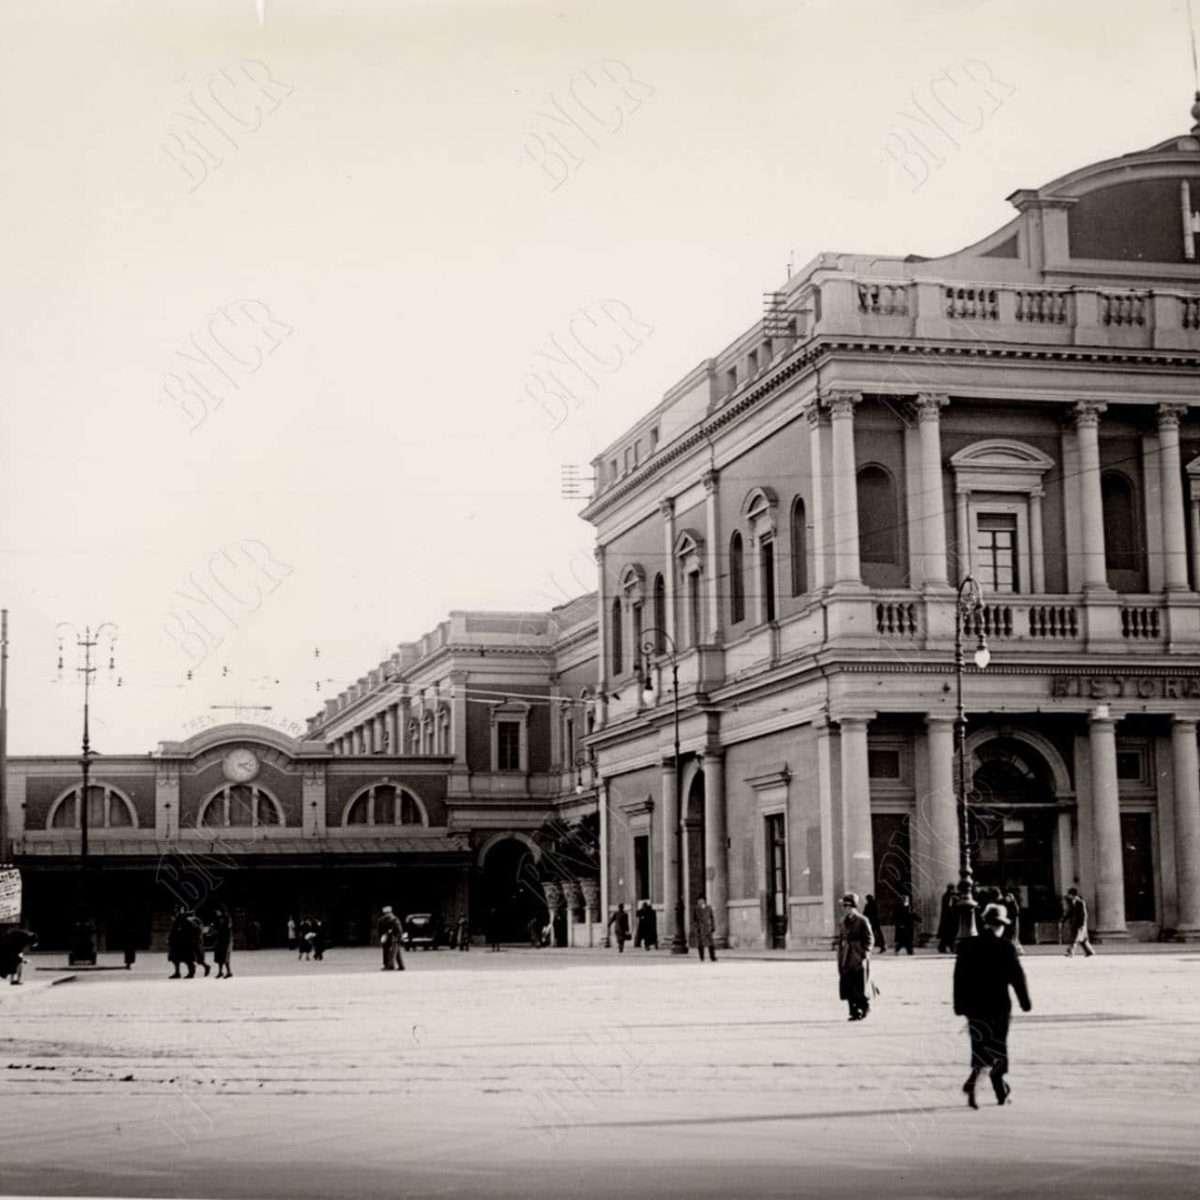 Stazione Termini (1930) Fronte Antica stazione, lato sinistro